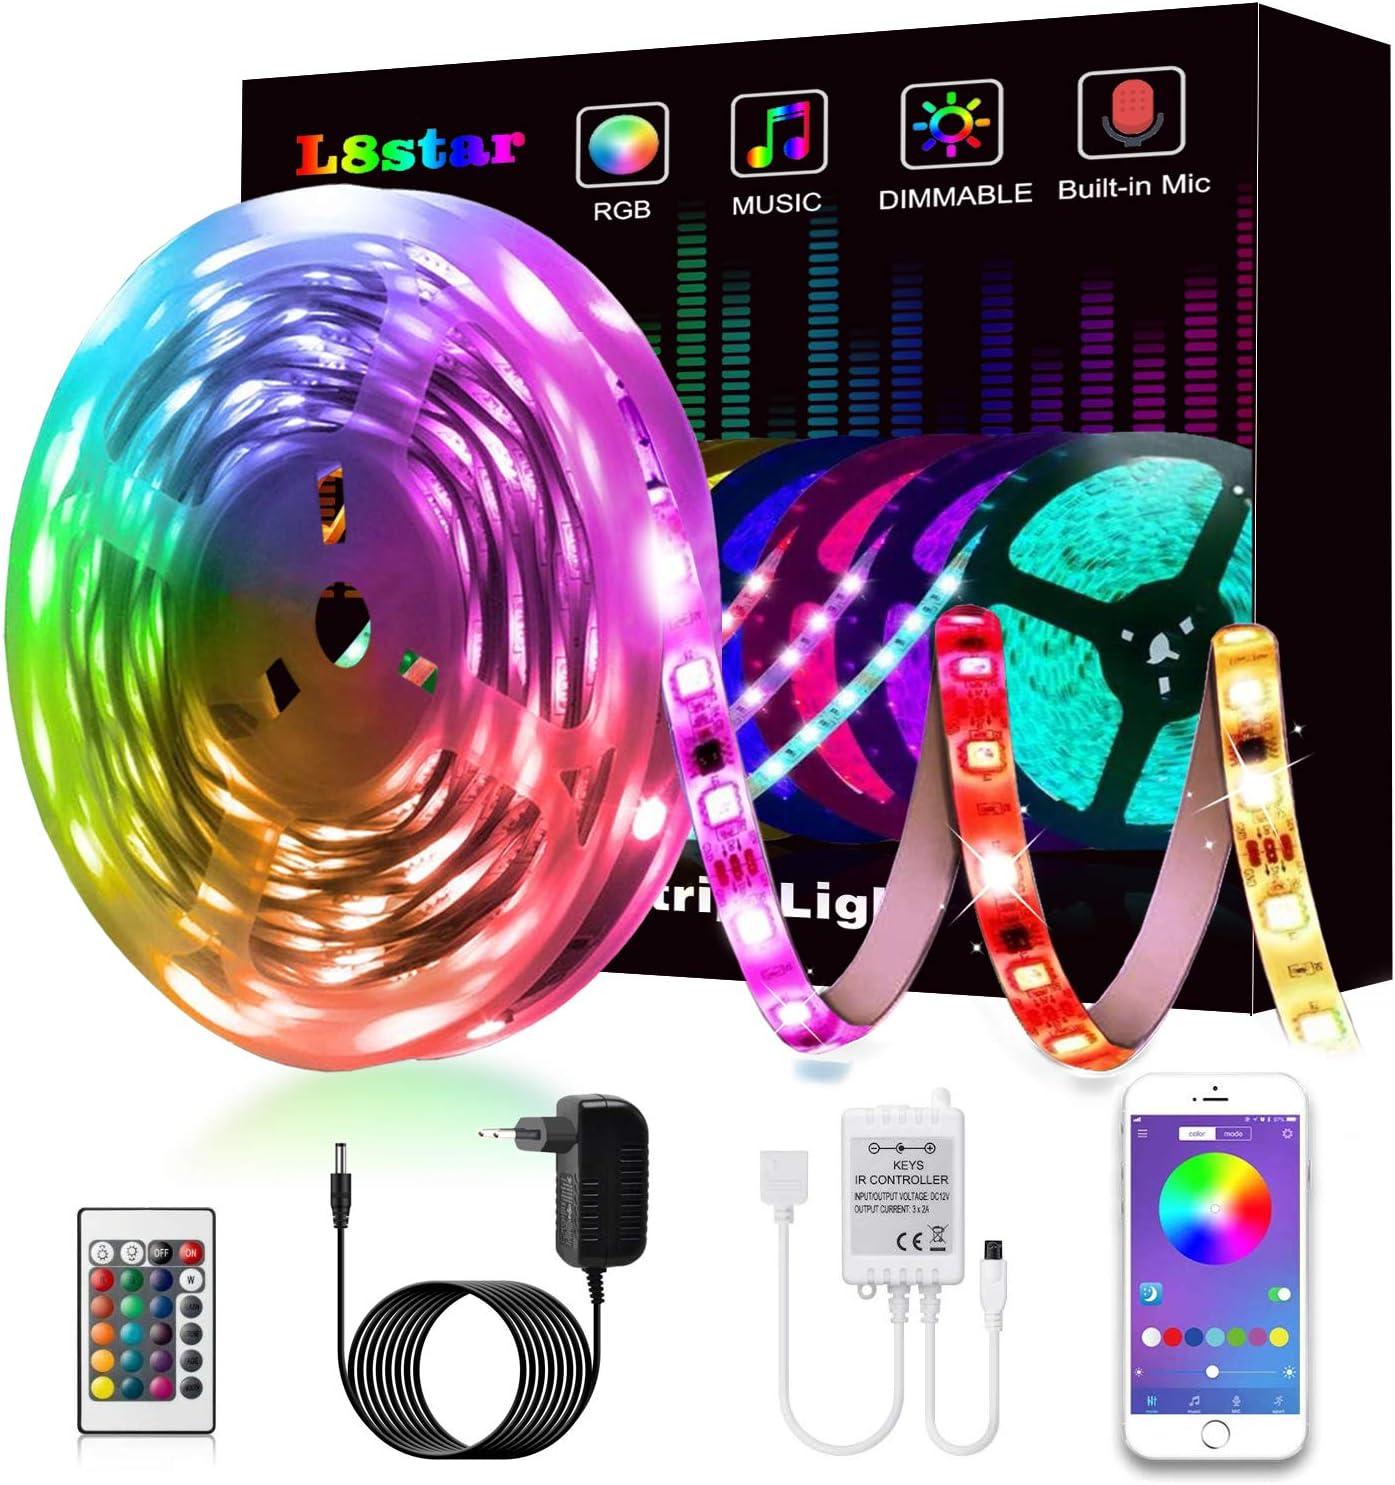 Anwendung f/ür Schlafzimmer LED Strip 8m Teaisiy Led Streifen RGB Led Lichterkette mit App Bluetooth Kontroller Sync zur Musik und 40 Tasten IR Regler LED Band Party und Weihnachtsdekoration